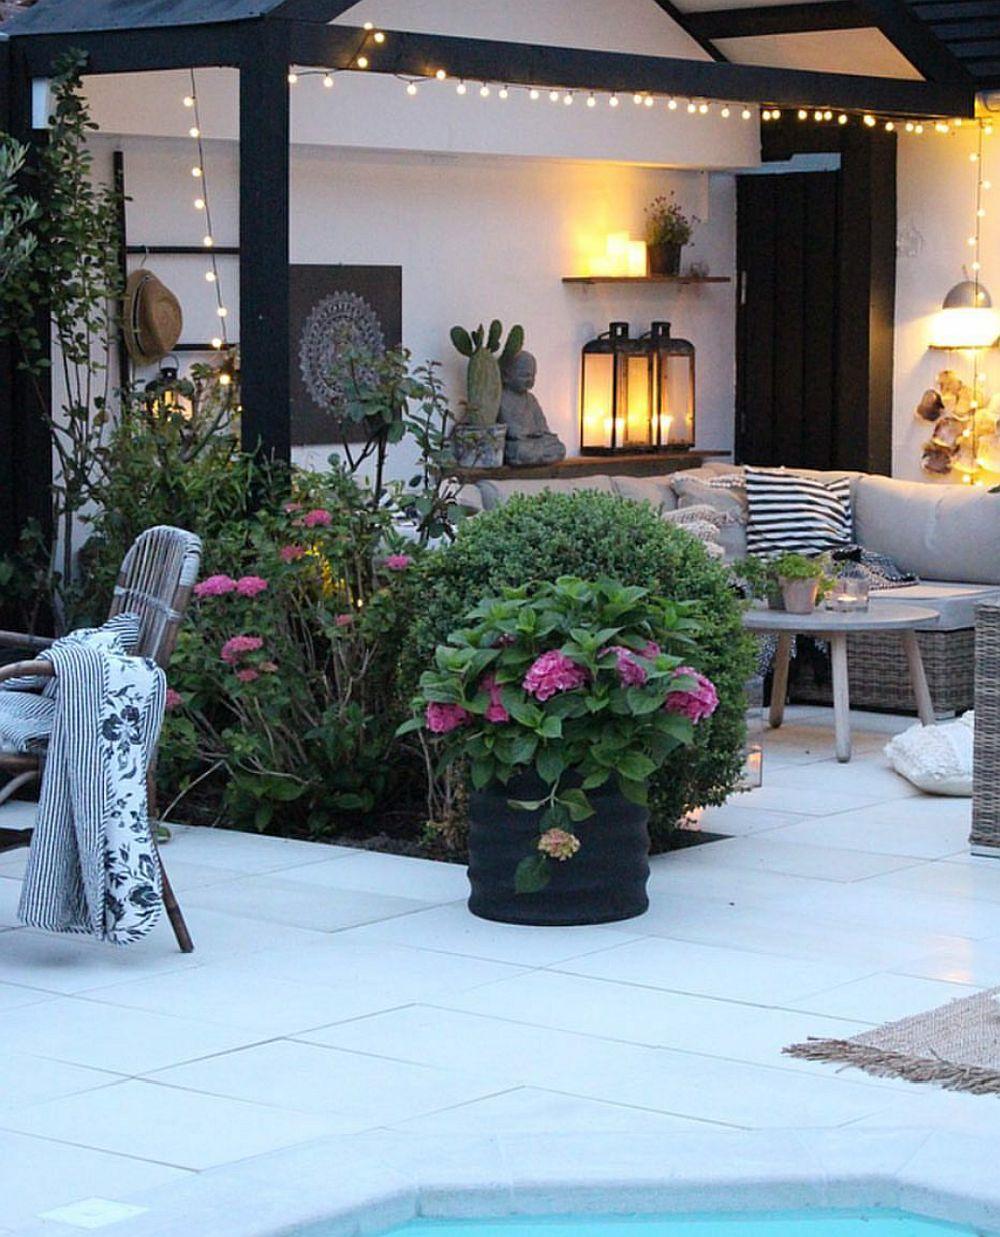 adelaparvu.com despre terasa in stil Nordic Boho, designer si foto Kristen Skovbon (25)